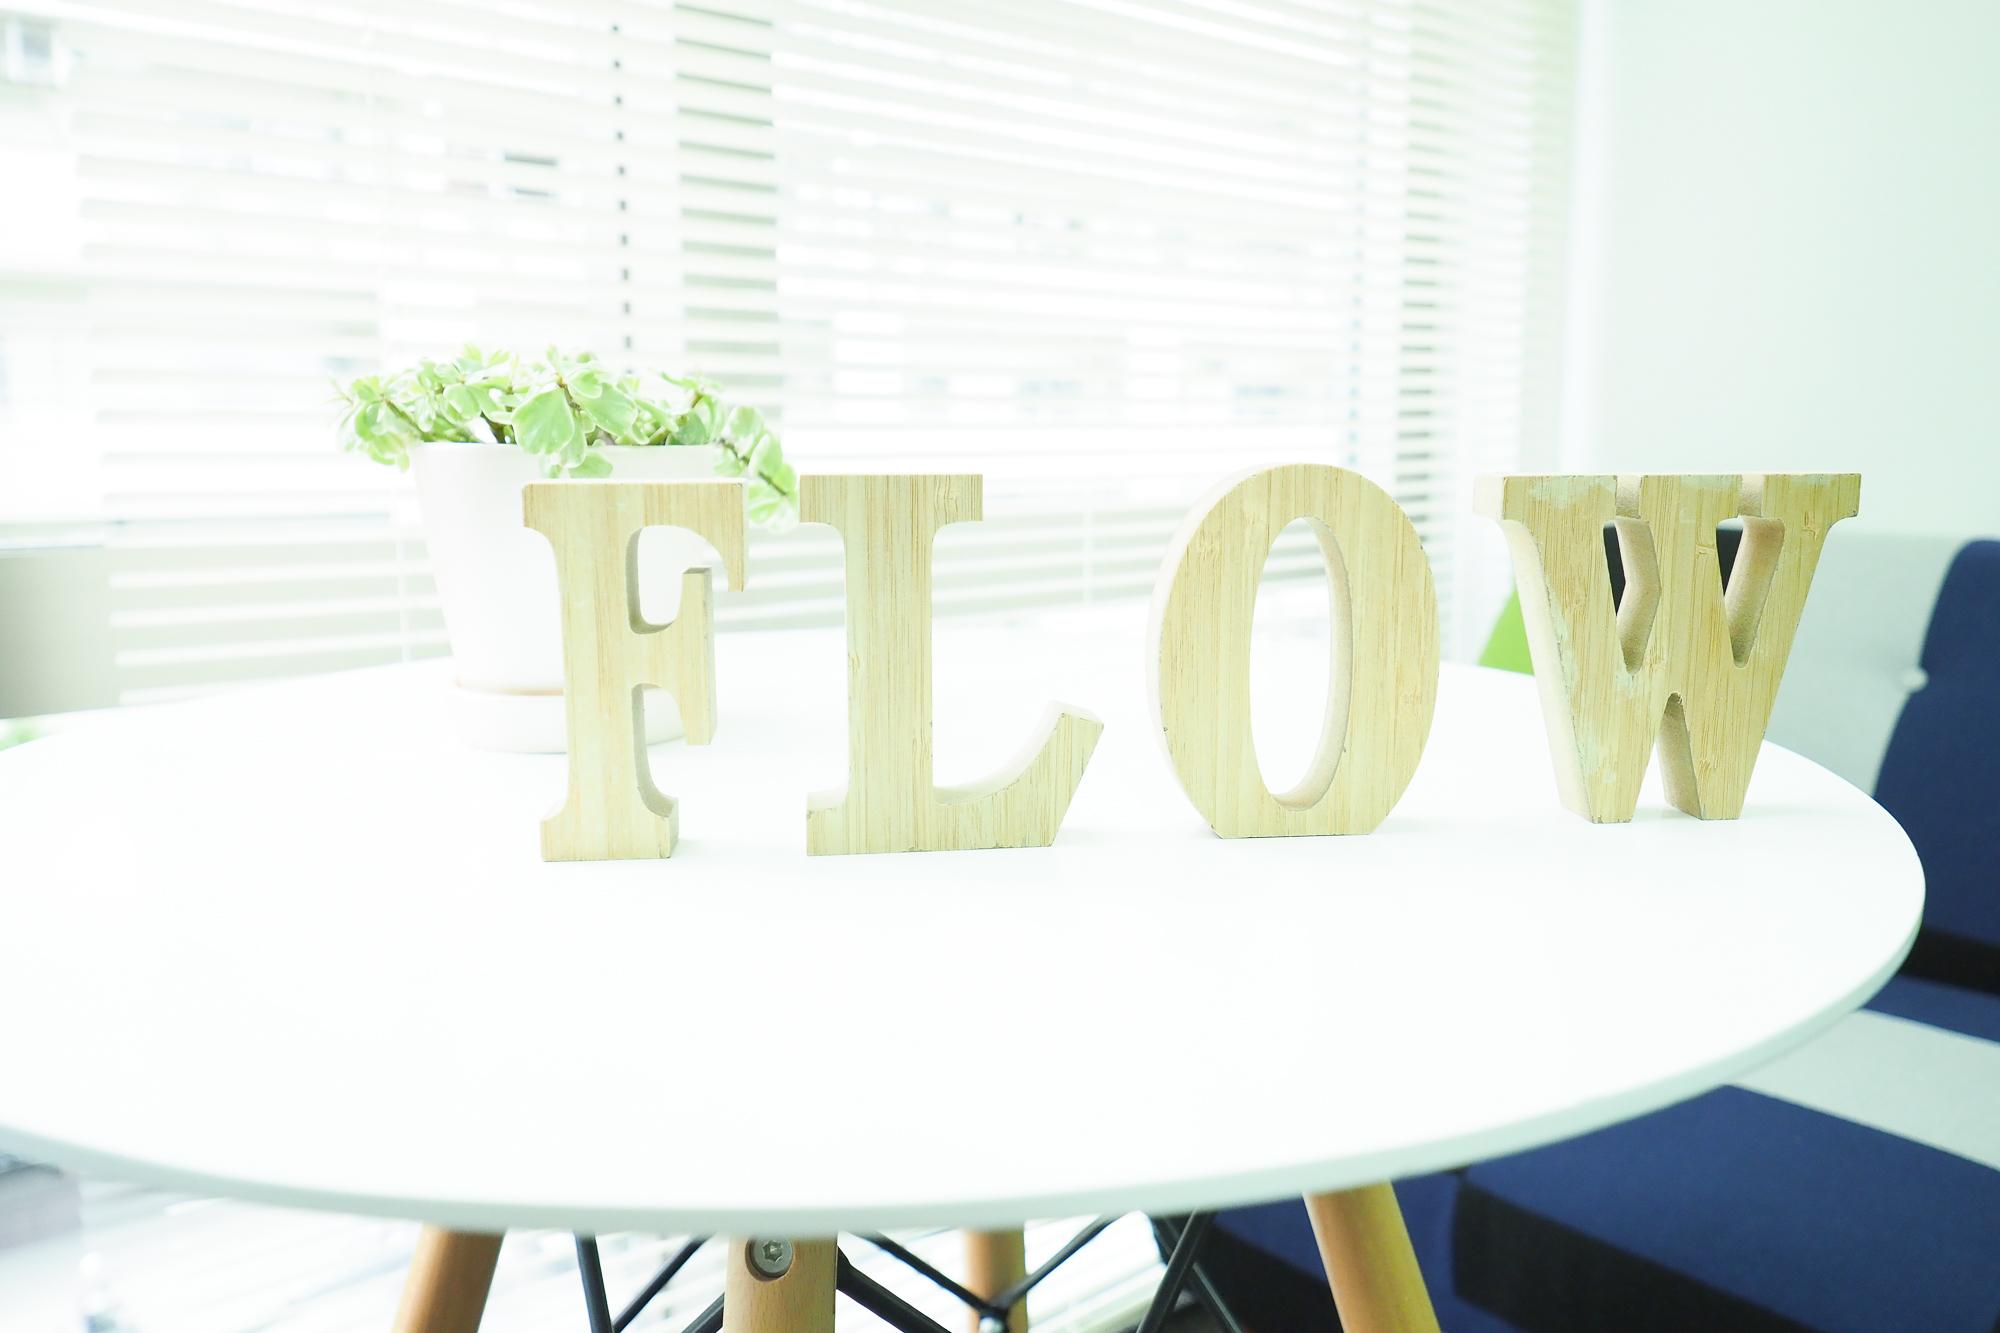 小売業界に向けたデータ活用ソリューションを提供する株式会社Flow Solutionsが、総額1.5億円の資金調達を実施